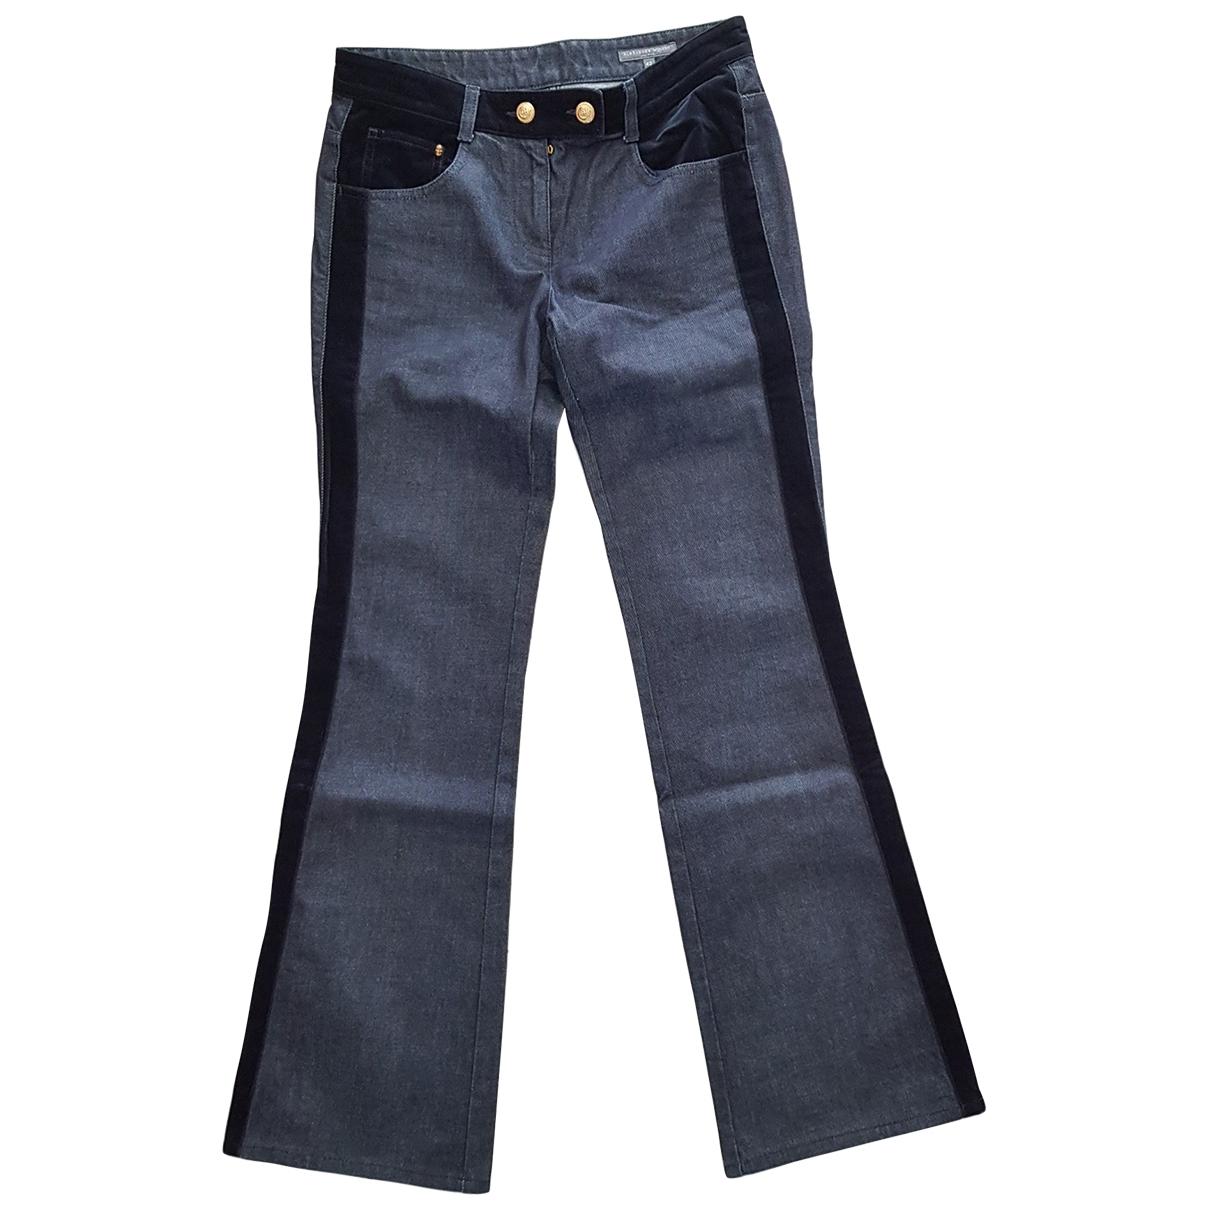 Alexander Mcqueen \N Blue Denim - Jeans Jeans for Women 42 IT